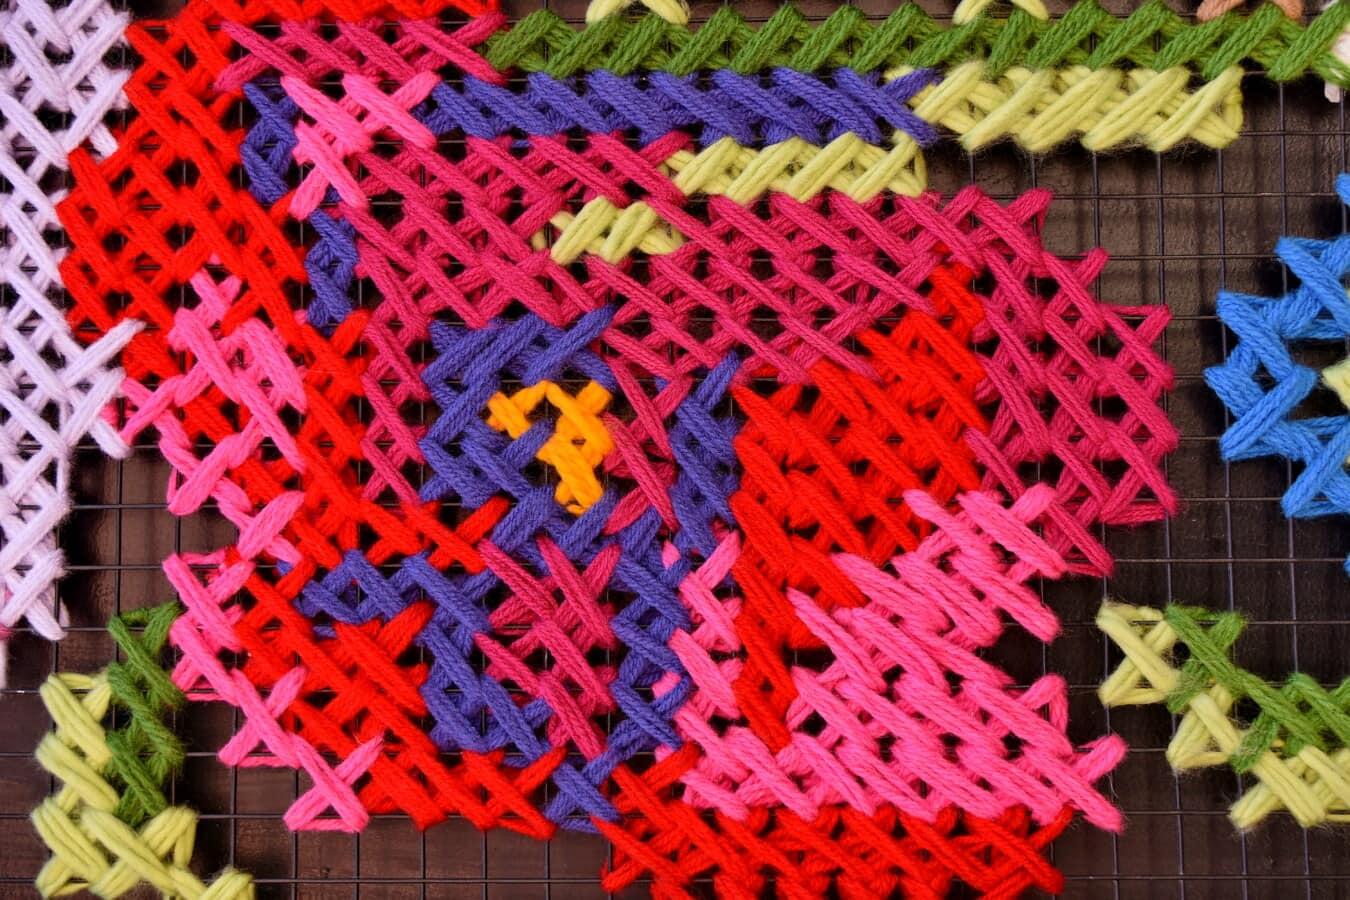 Thread, Stricken, Wolle, Knot, Textur, Muster, Design, Material, Kunst, Oberfläche